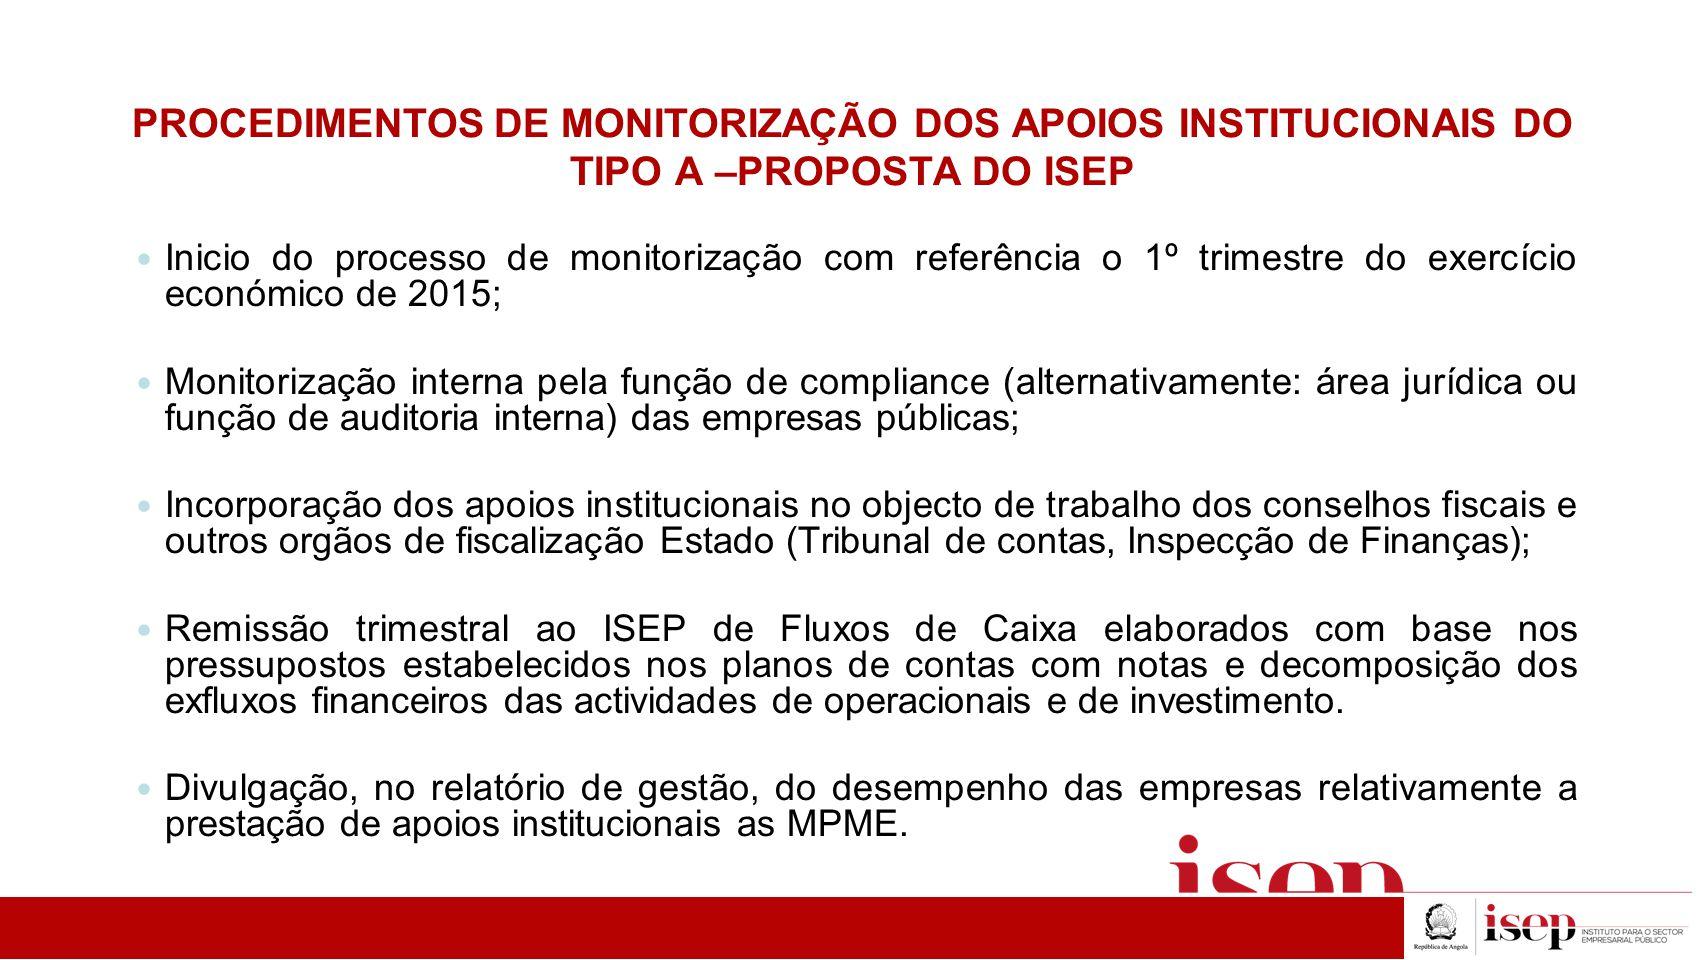 PROCEDIMENTOS DE MONITORIZAÇÃO DOS APOIOS INSTITUCIONAIS DO TIPO A –PROPOSTA DO ISEP